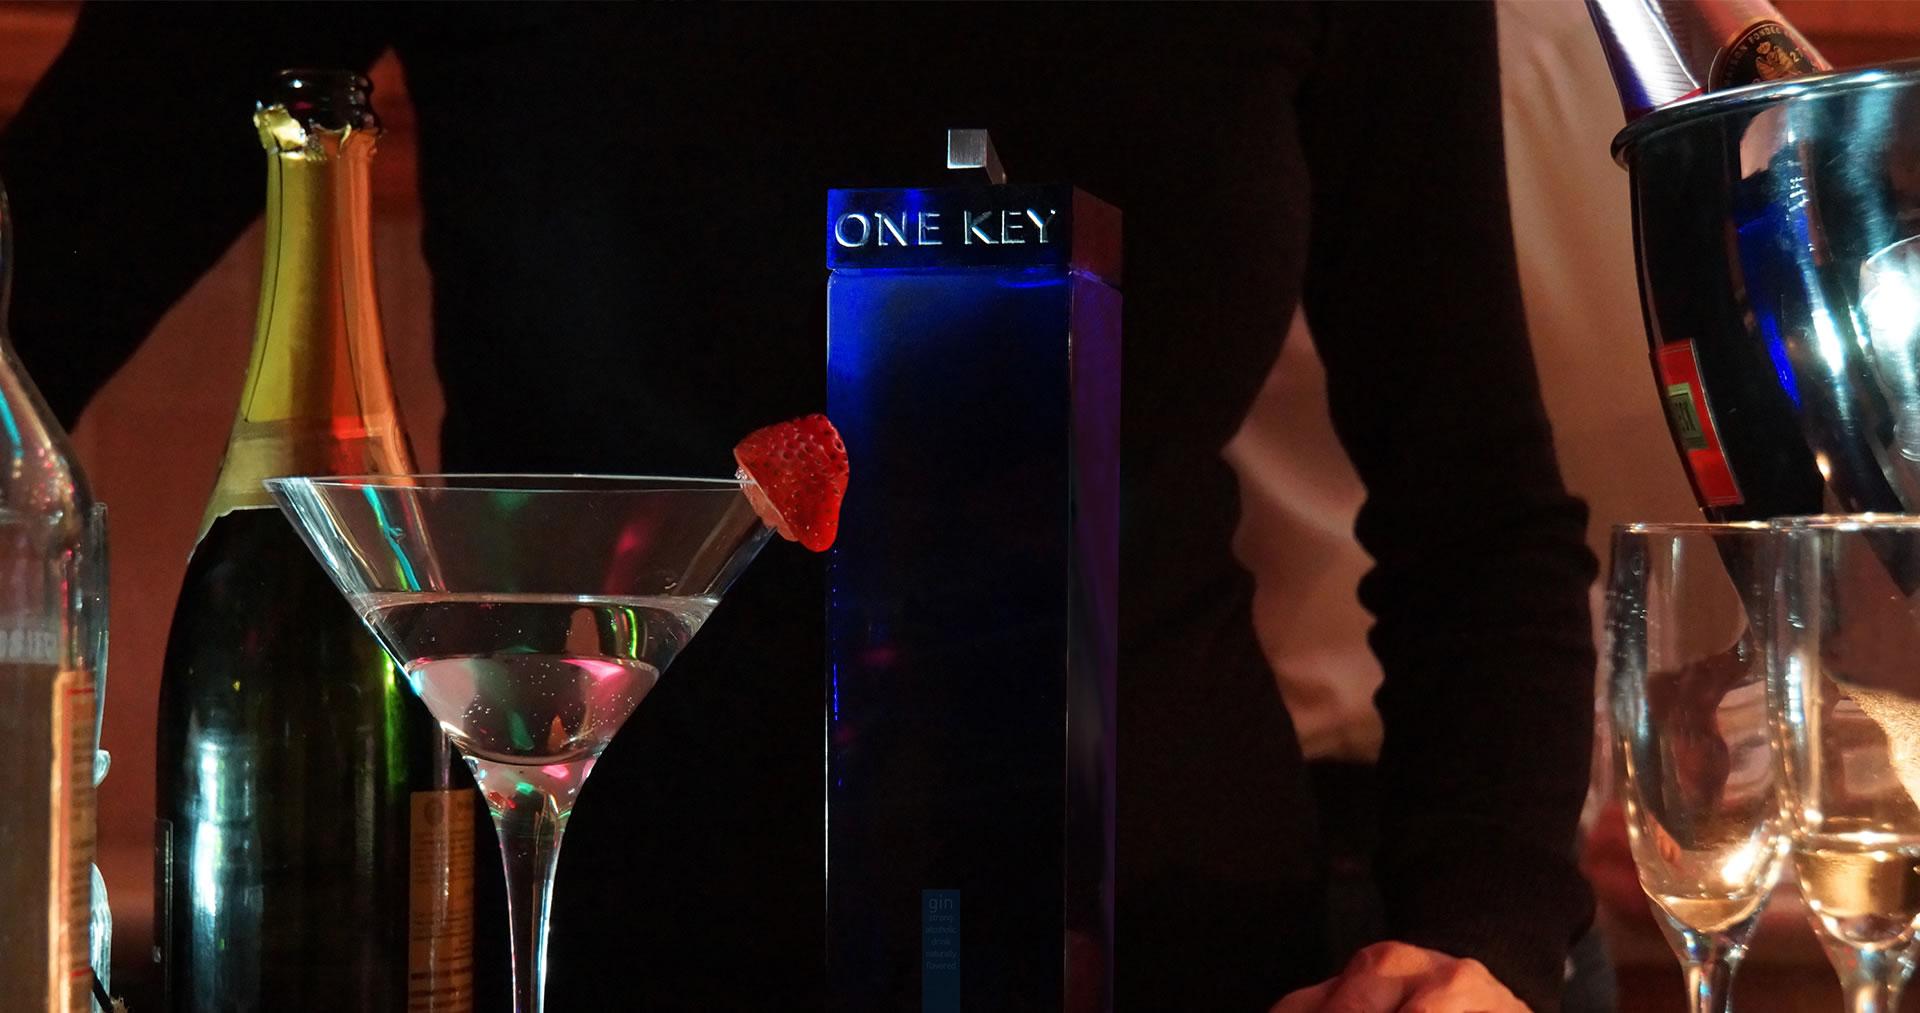 One Key gin bottle in a bar